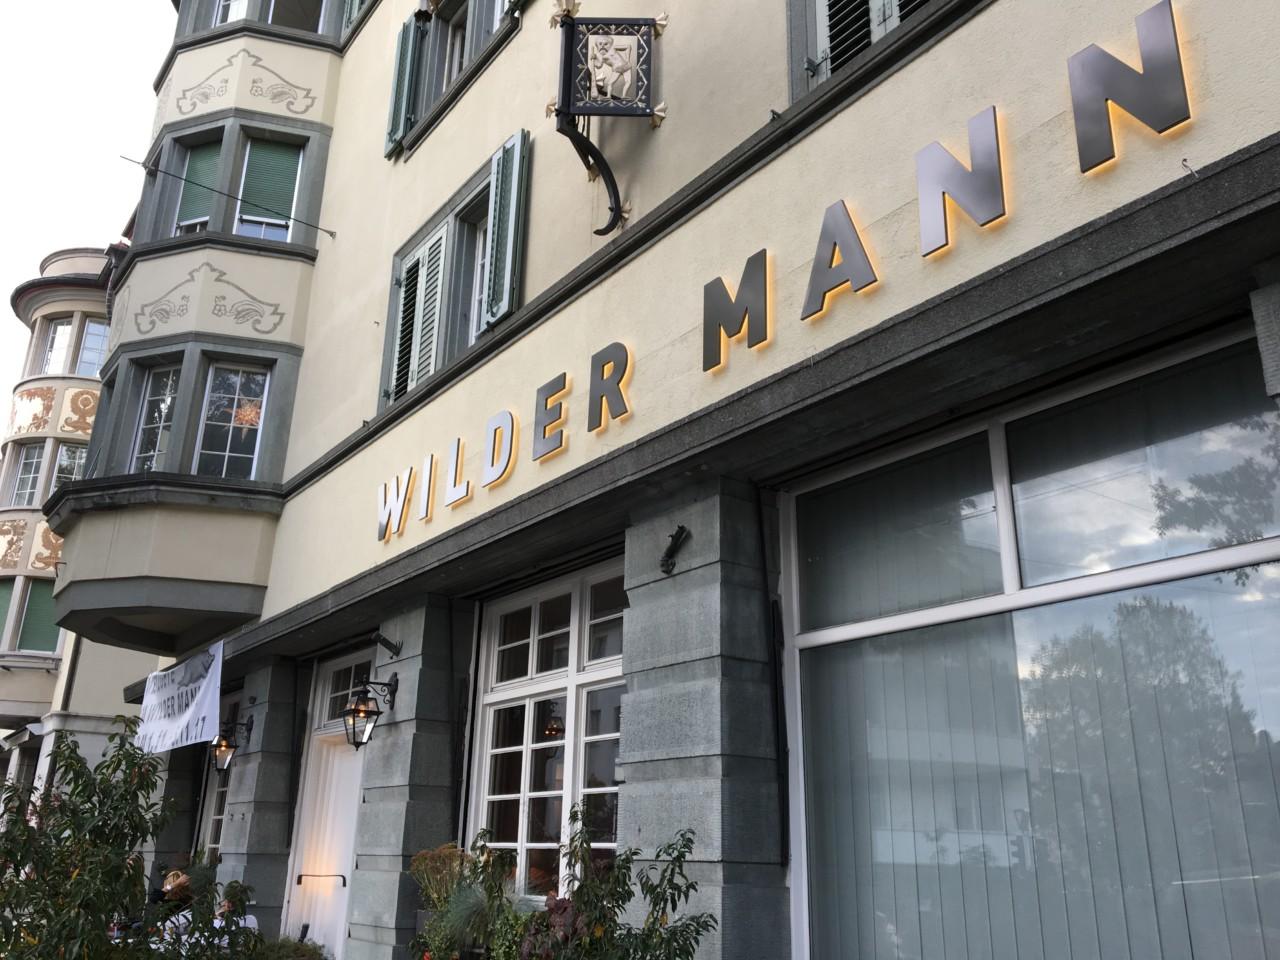 Das Restaurant Wilder Mann im Kreis 7